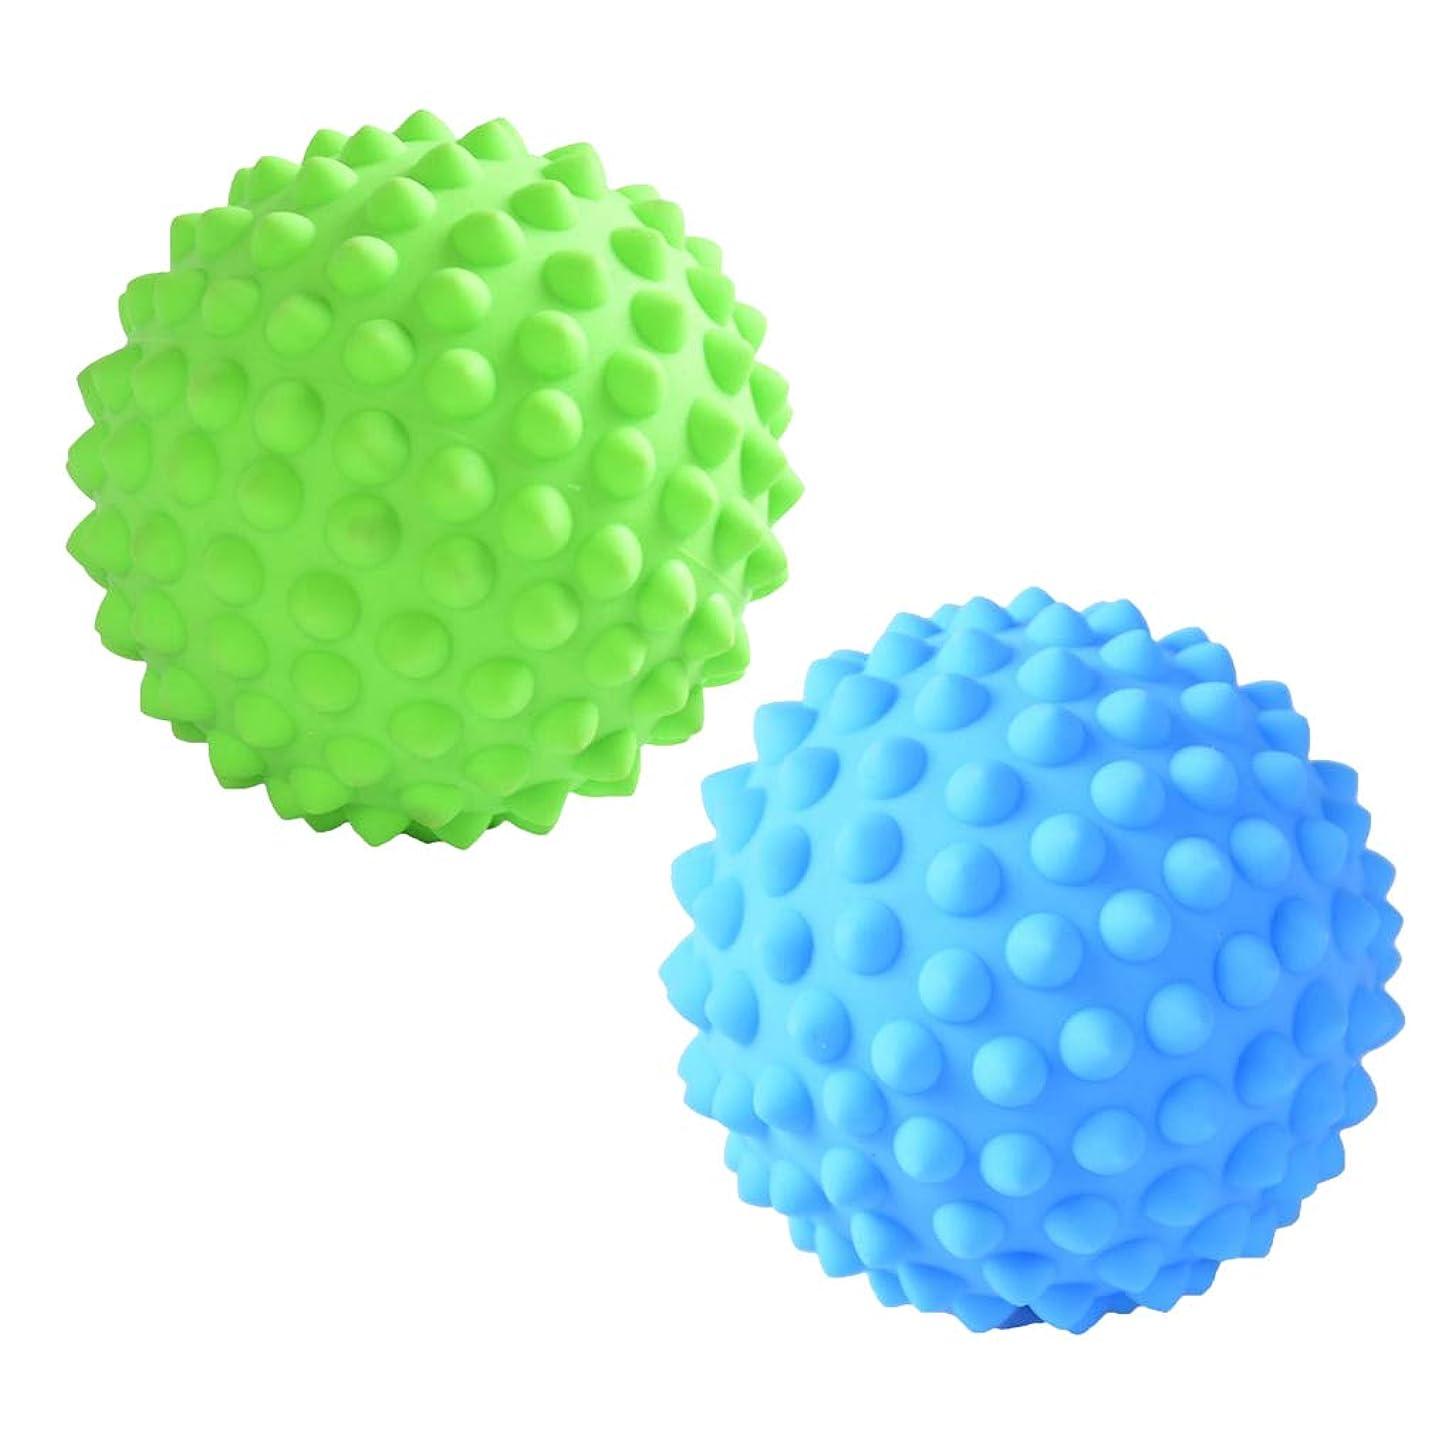 しかし民主主義予想外Hellery マッサージローラーボール マッサージローラー 指圧ボール 筋膜リリース トリガーポイント 2個入